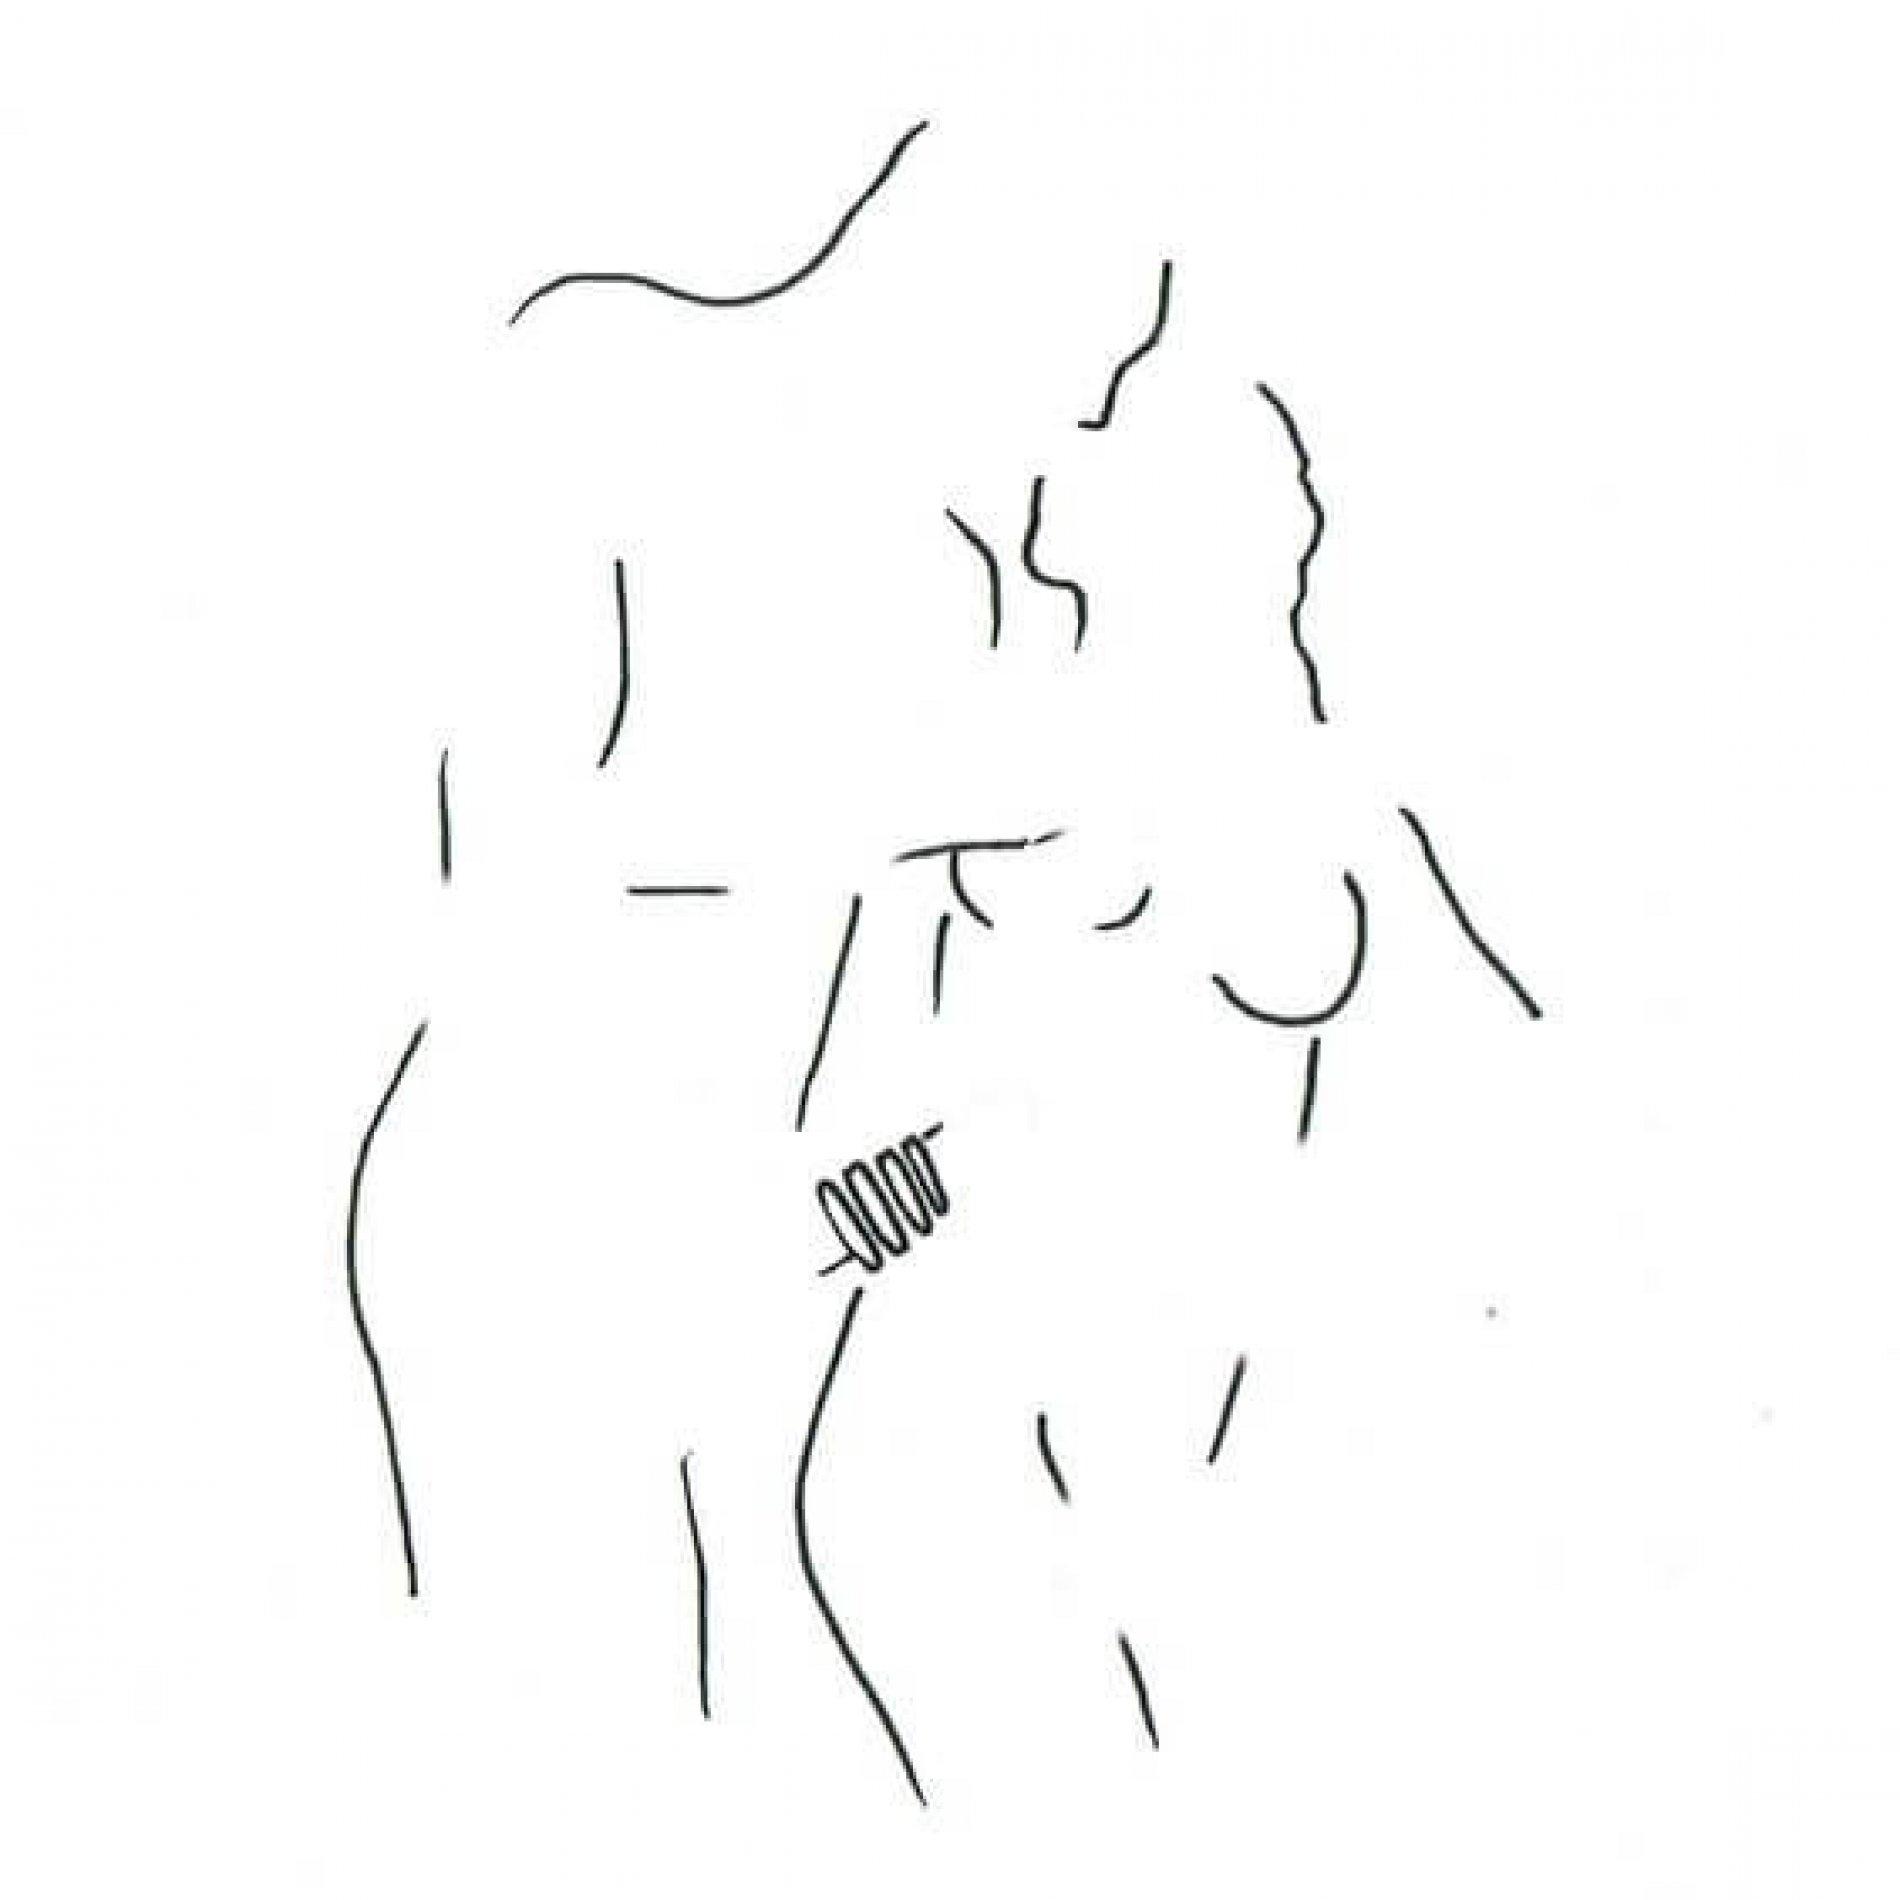 Edging is de nieuwste sekstrend